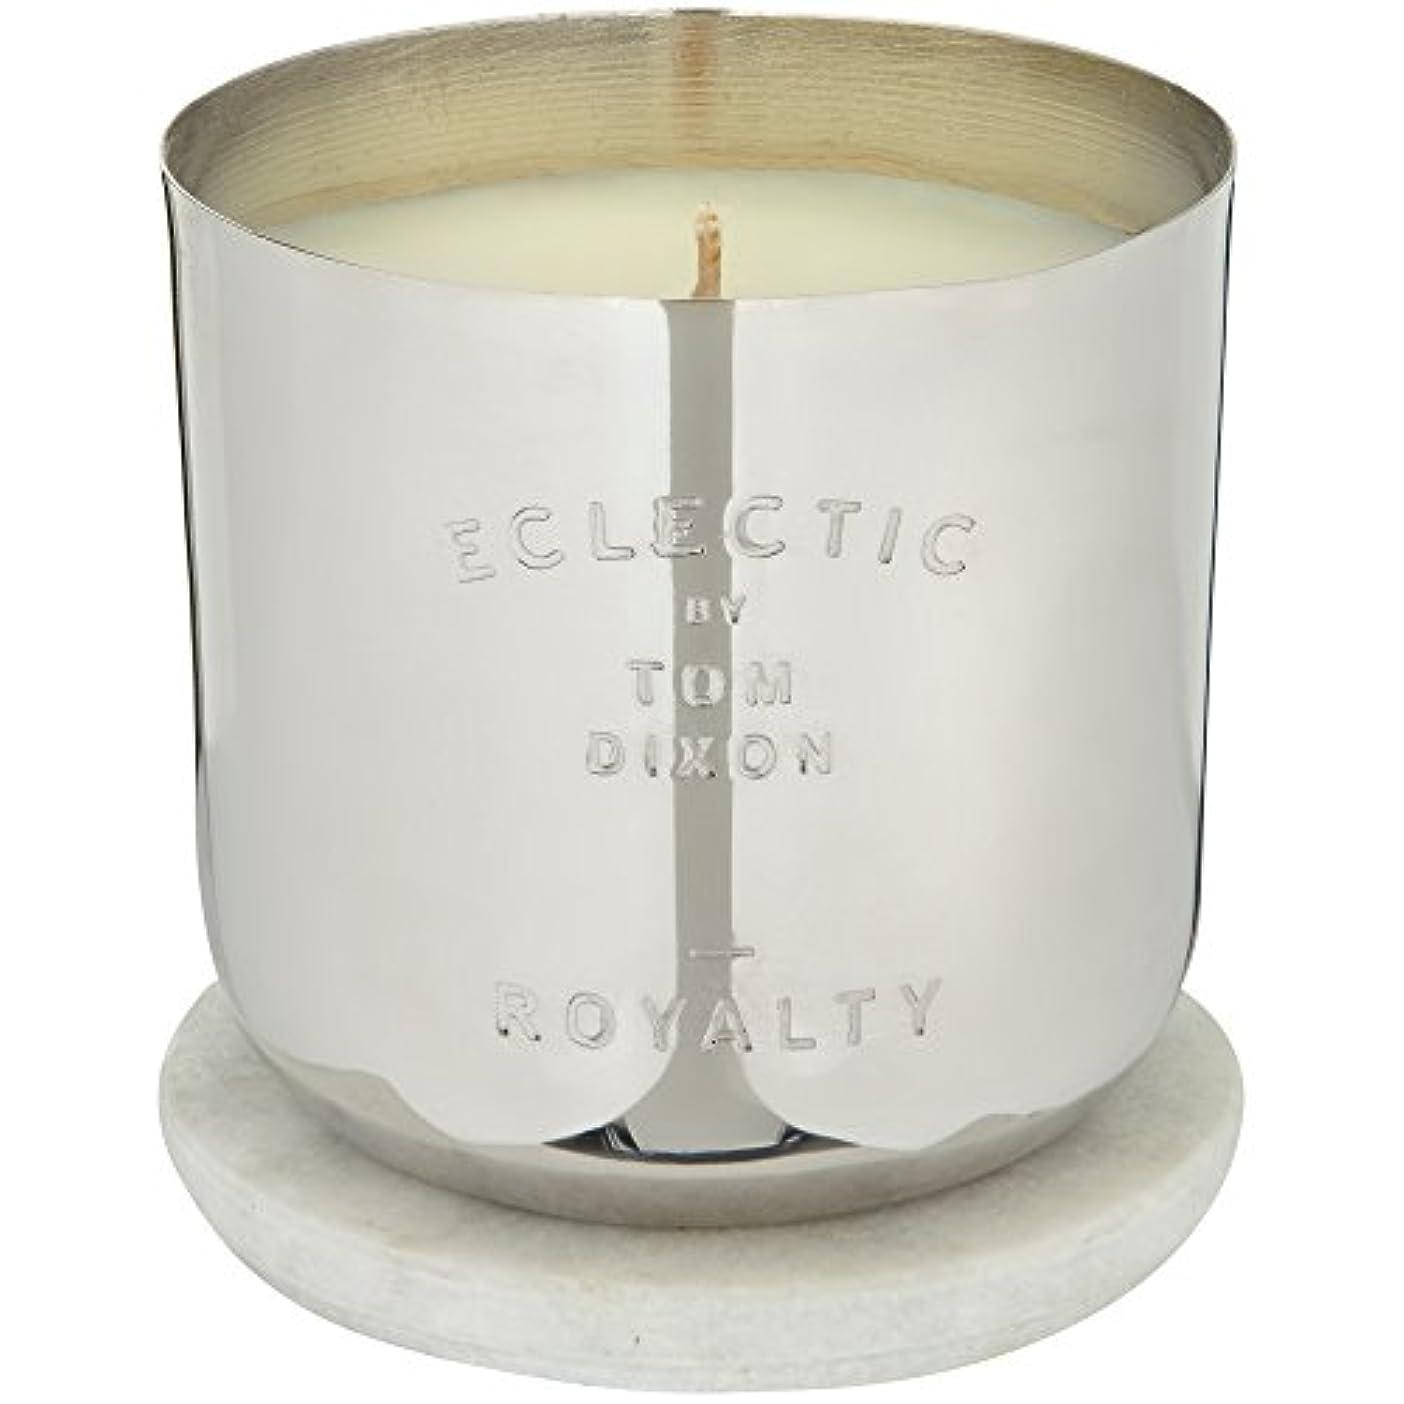 取得する内部市の中心部トム?ディクソンロイヤリティ香りのキャンドル x6 - Tom Dixon Royalty Scented Candle (Pack of 6) [並行輸入品]